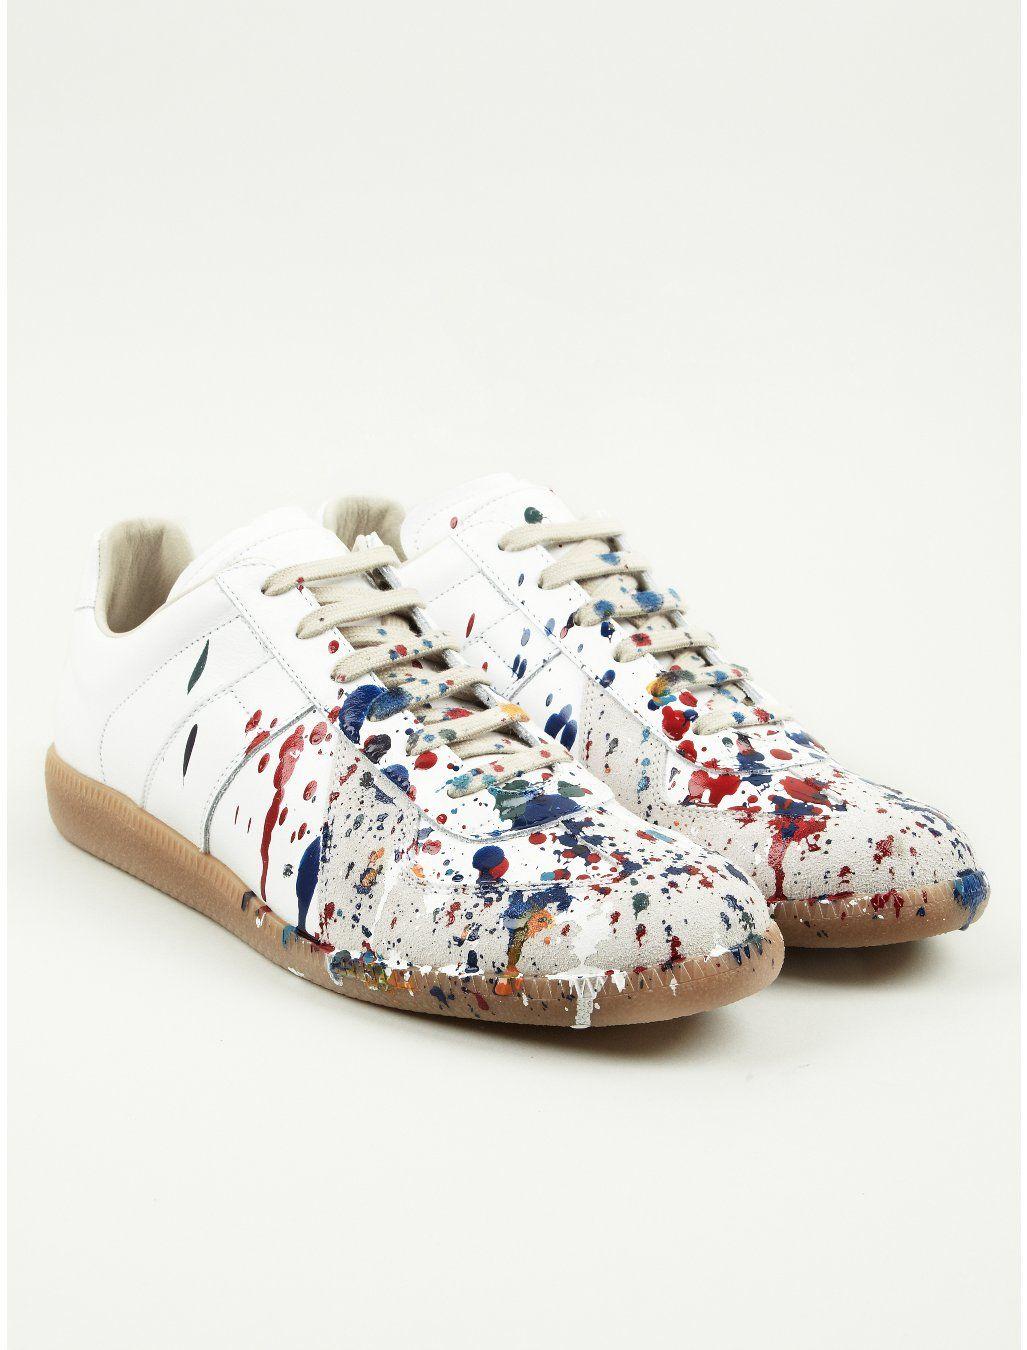 d1624eb3e9f Maison Martin Margiela 22 Men's Colour Drops Replica Sneakers ...